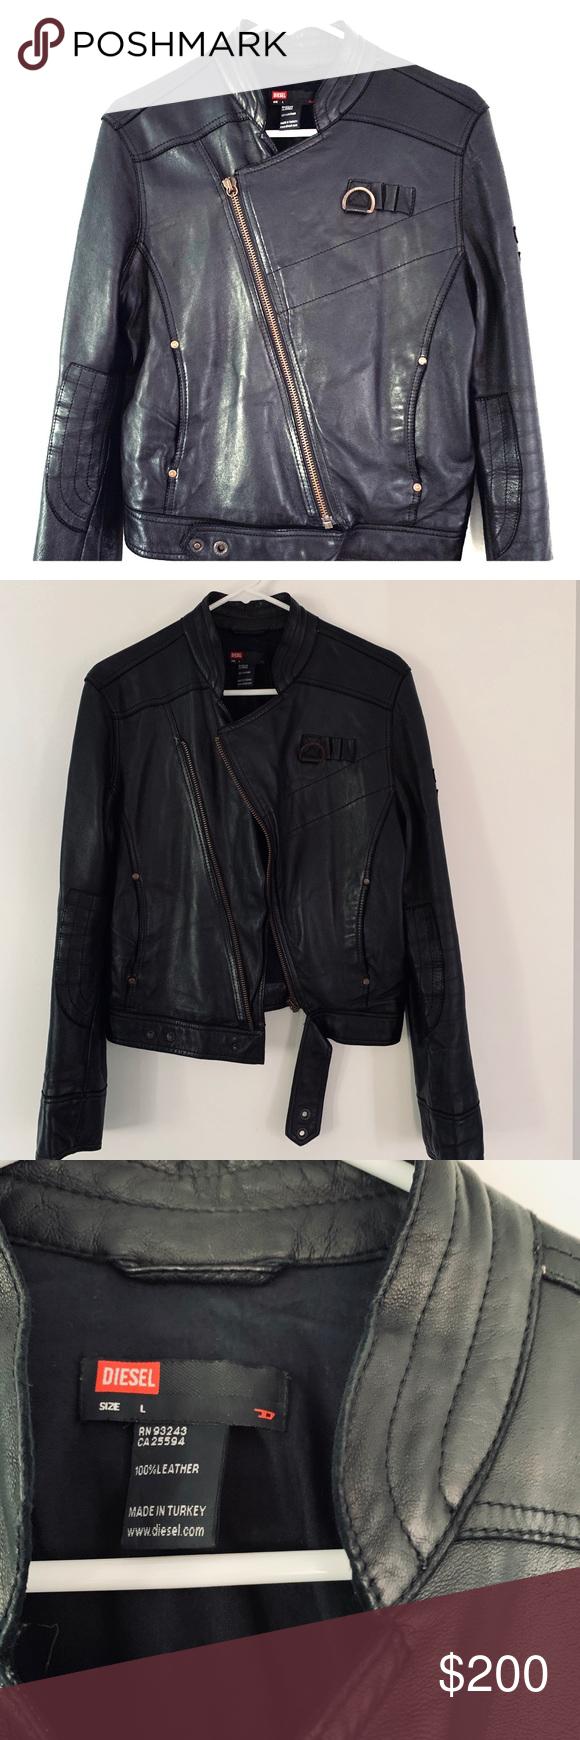 Vintage Diesel Leather Jacket Vintage Diesel Black Leather Jacket 100 Leather This Vintage Motorcycle Jacket Looks Gre Leather Jacket Jackets Diesel Jacket [ 1740 x 580 Pixel ]